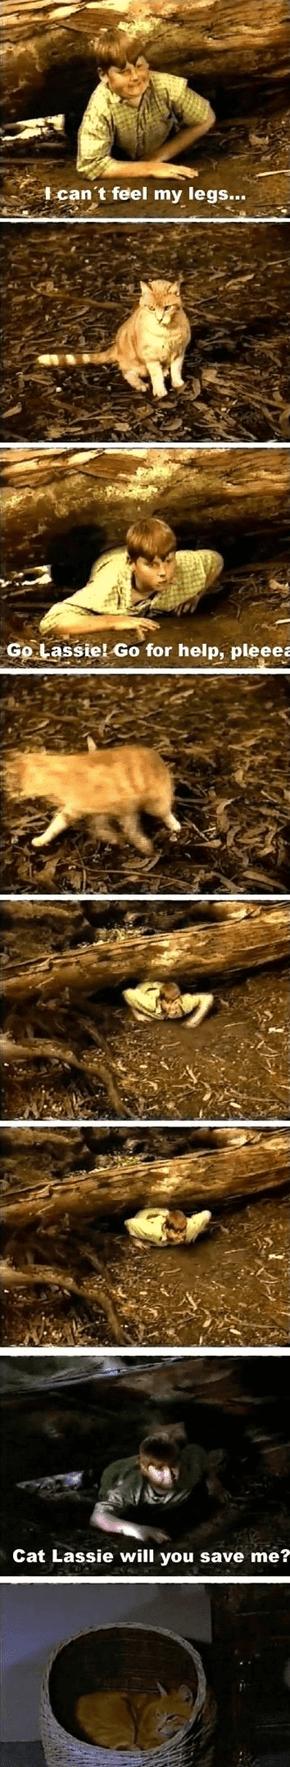 Cat Lassie